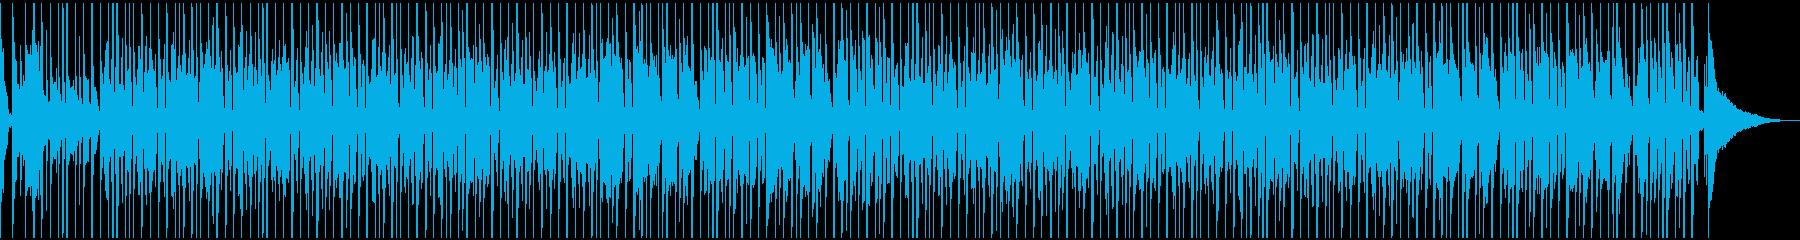 ちょっと早いverの再生済みの波形